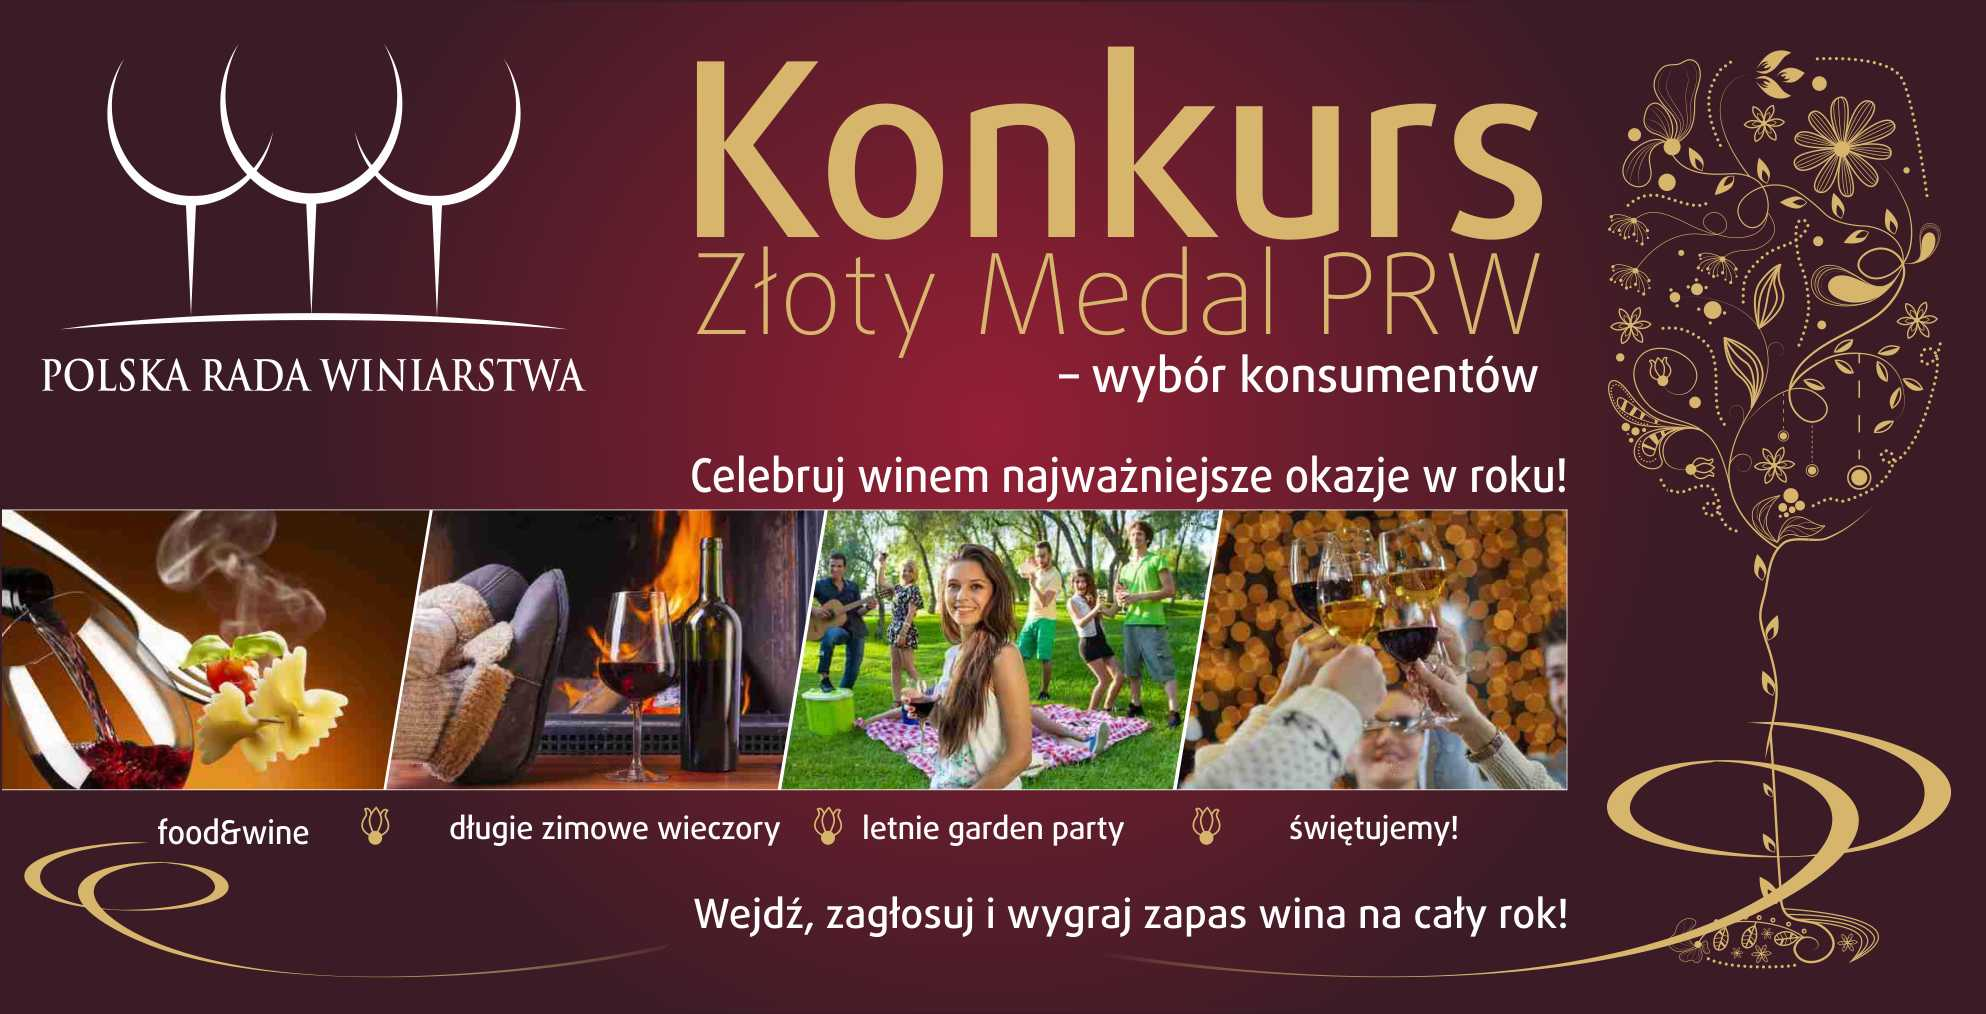 Złoty Medal PRW